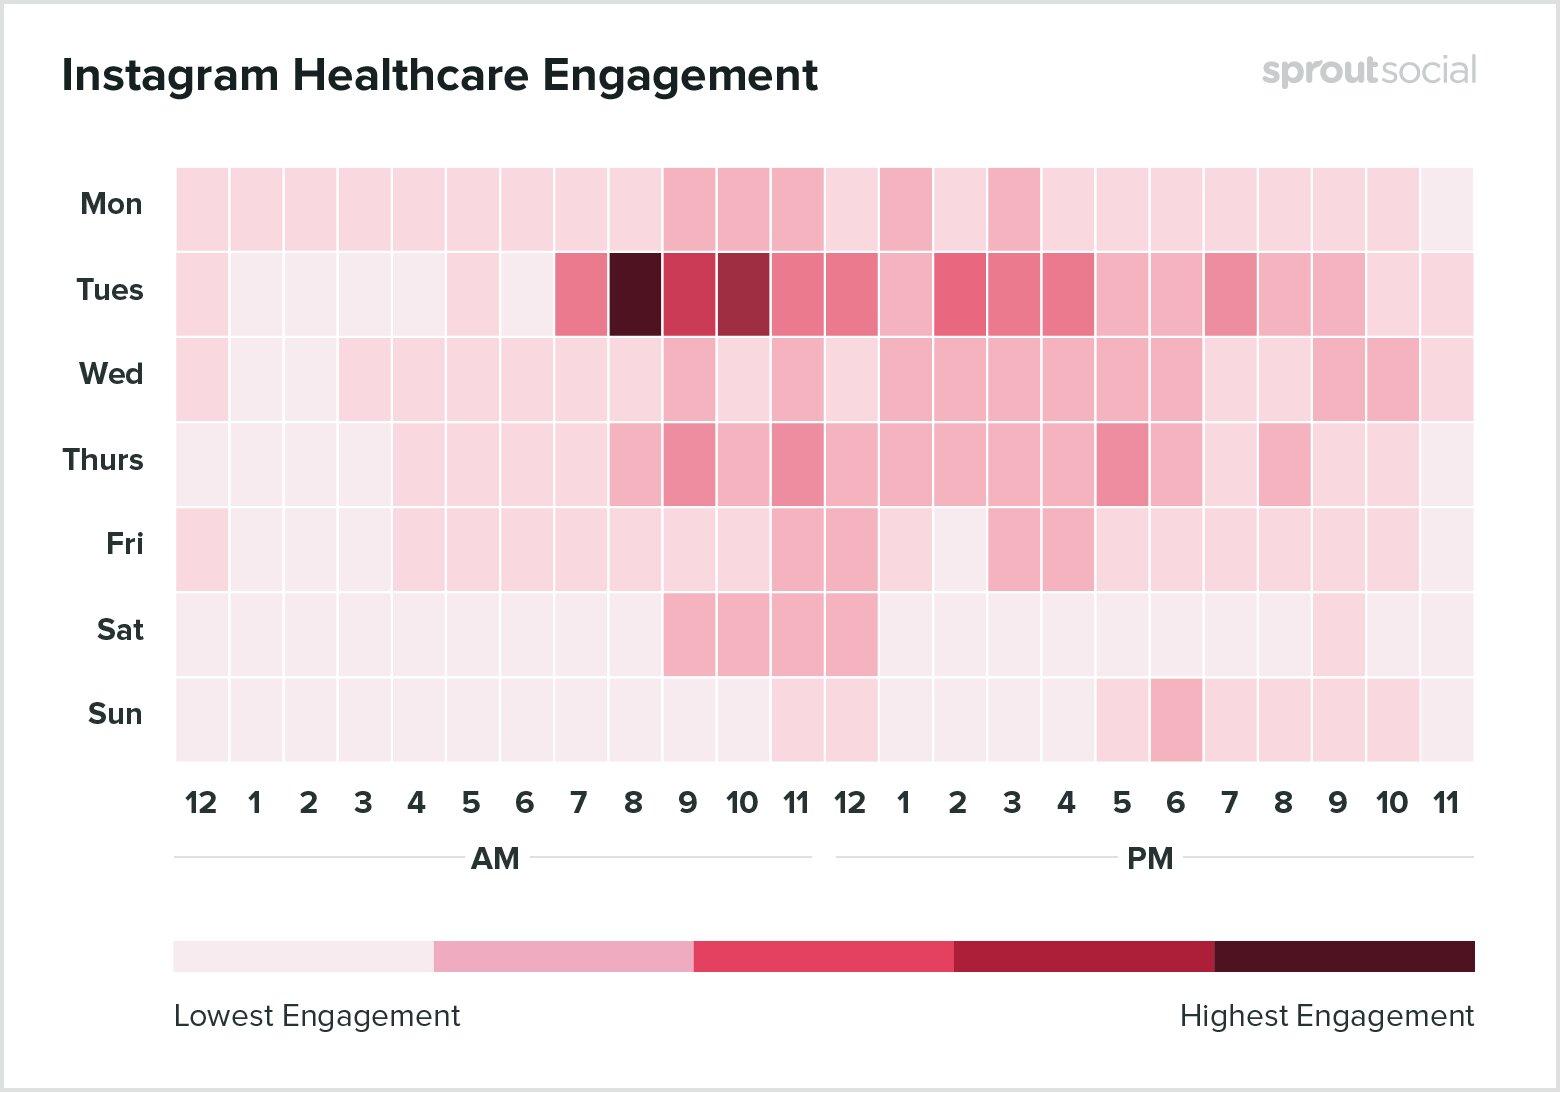 mejores horas para publicar en instagram. Sector de la salud